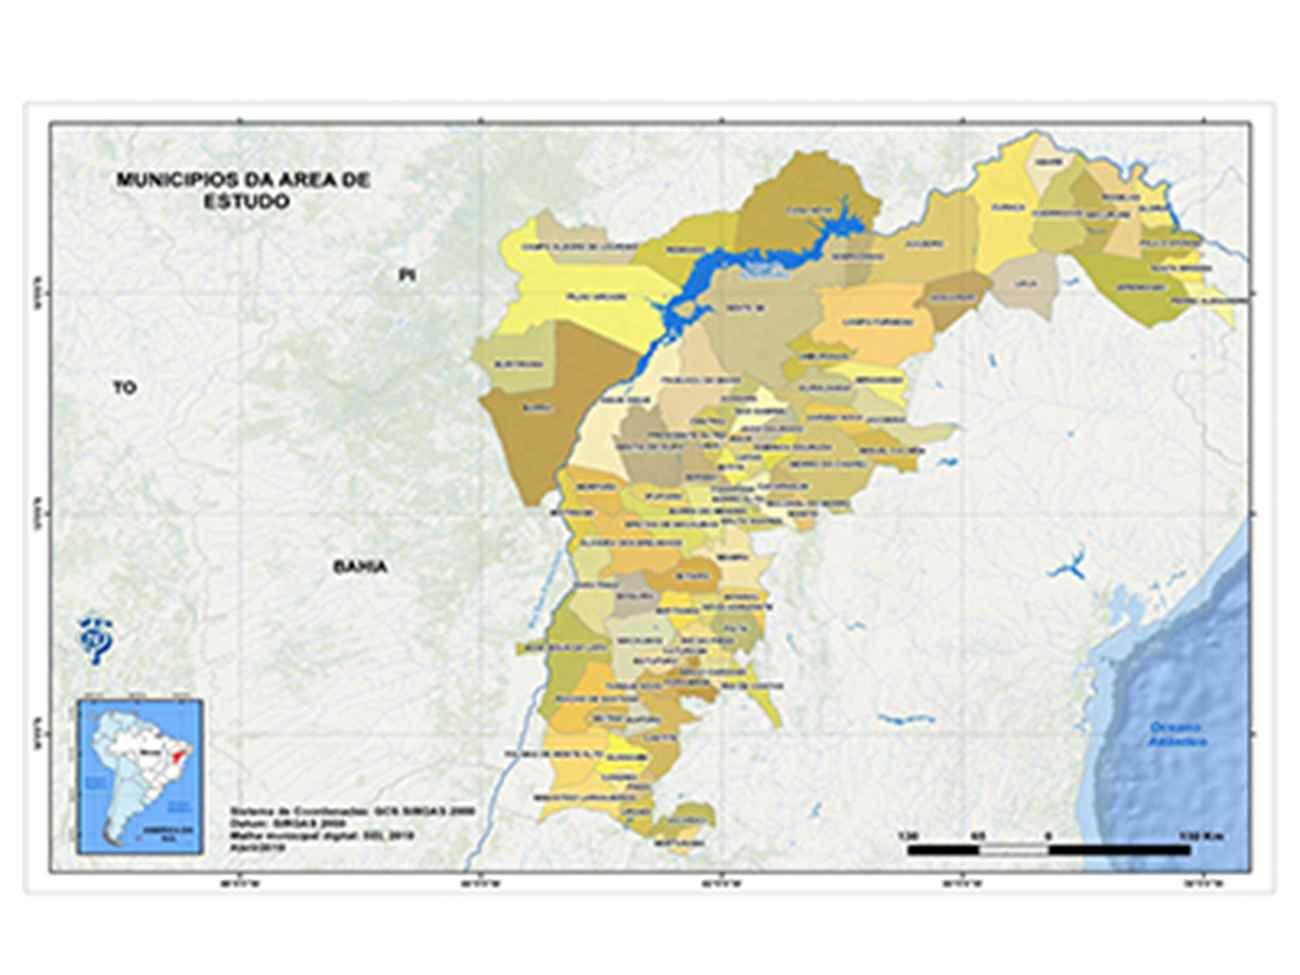 Mapa dos municípios estudados na Bahia